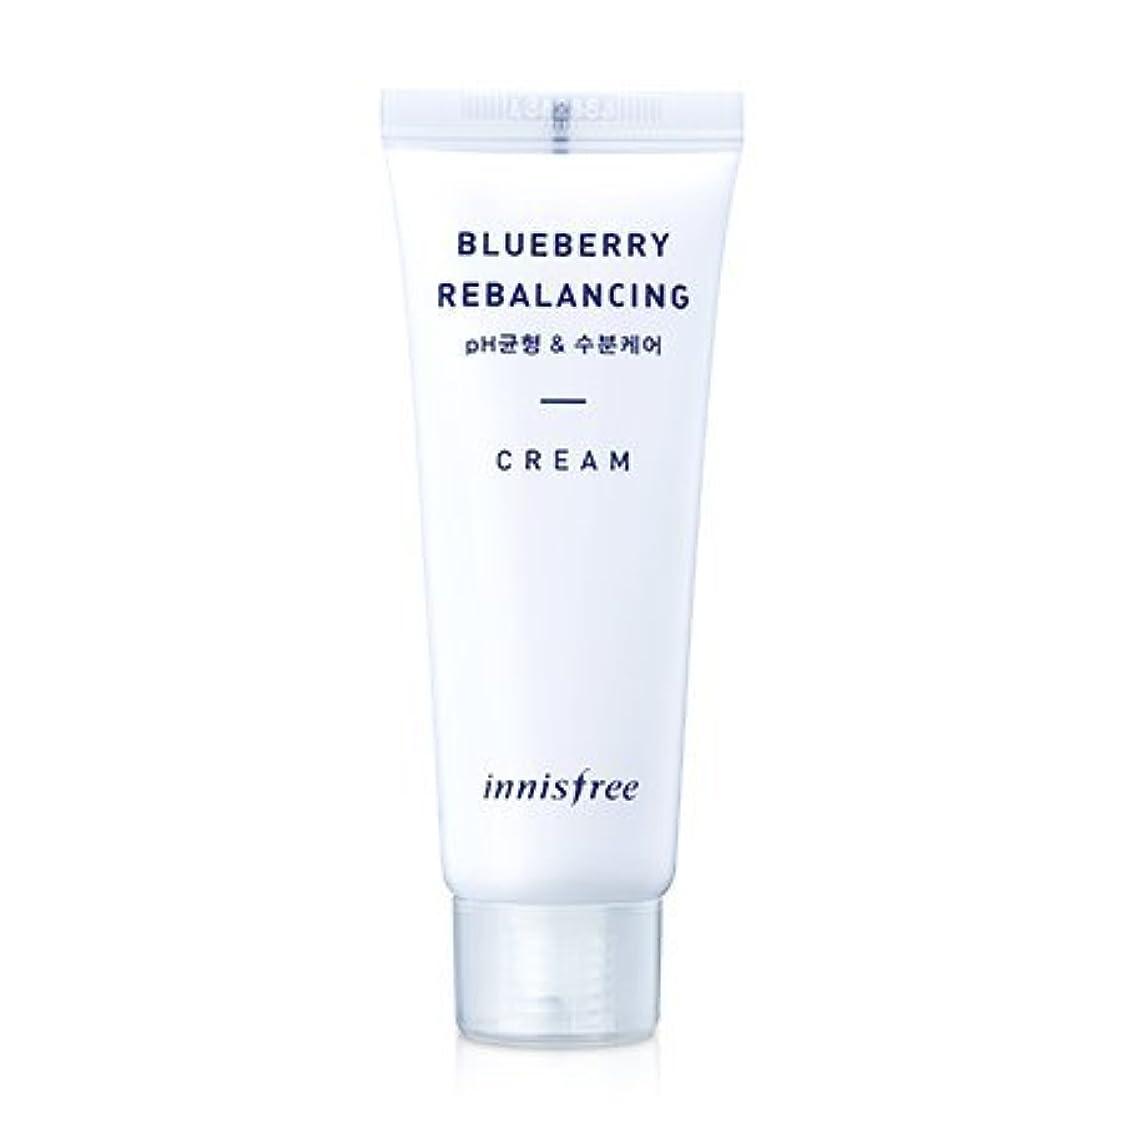 麻痺レールバッジ[innisfree(イニスフリー)] Super food_ Blueberry rebalancing cream (50ml) スーパーフード_ブルーベリーリベルロンシンクリーム[並行輸入品][海外直送品]